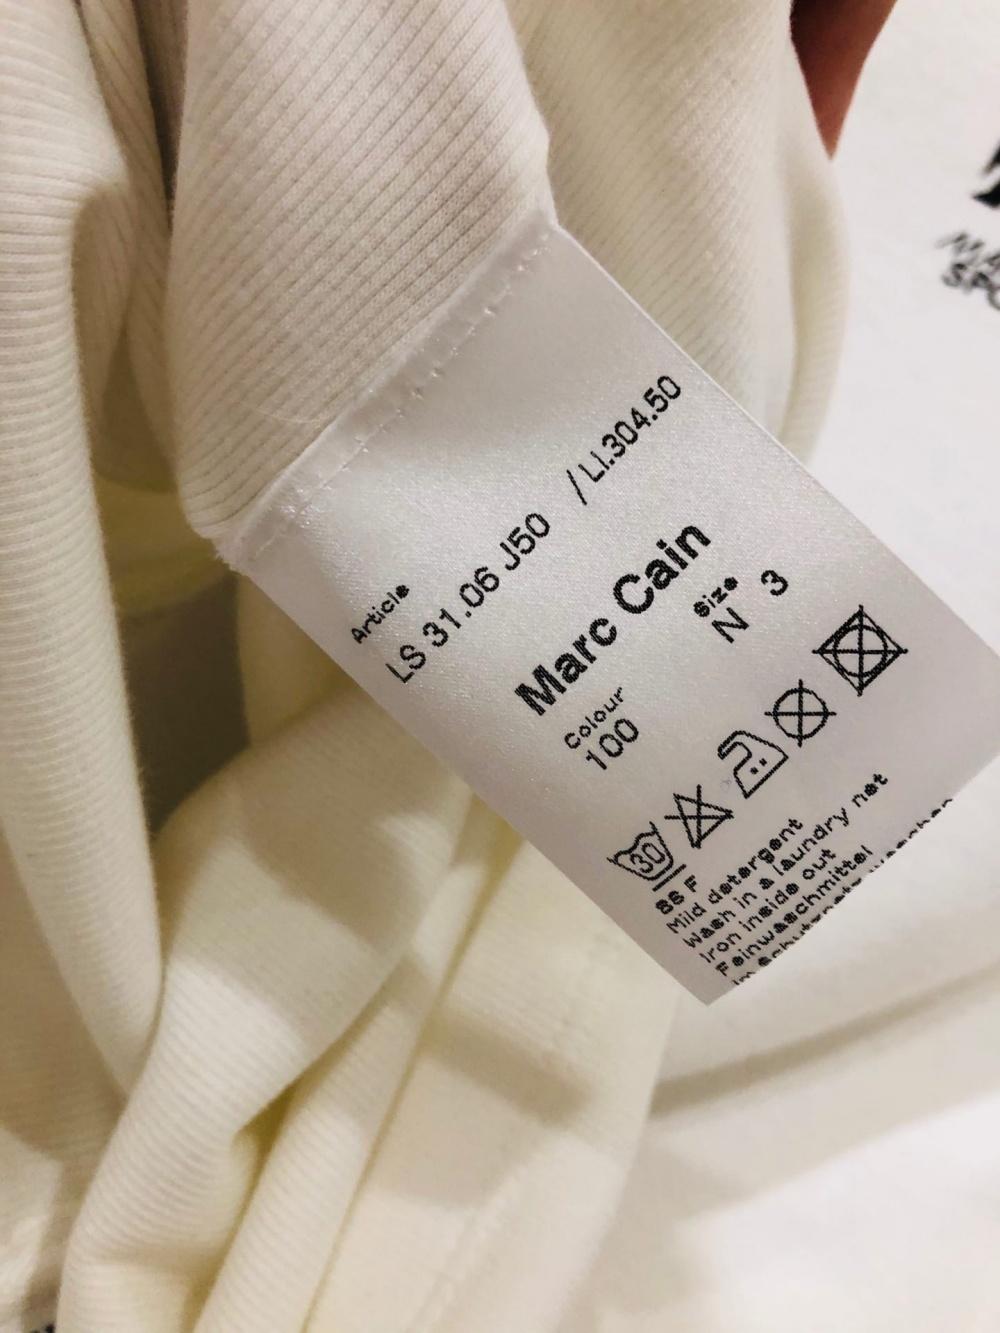 Кардиган Marc Cain Sports.Размер S-M.Фирменный размер 3.